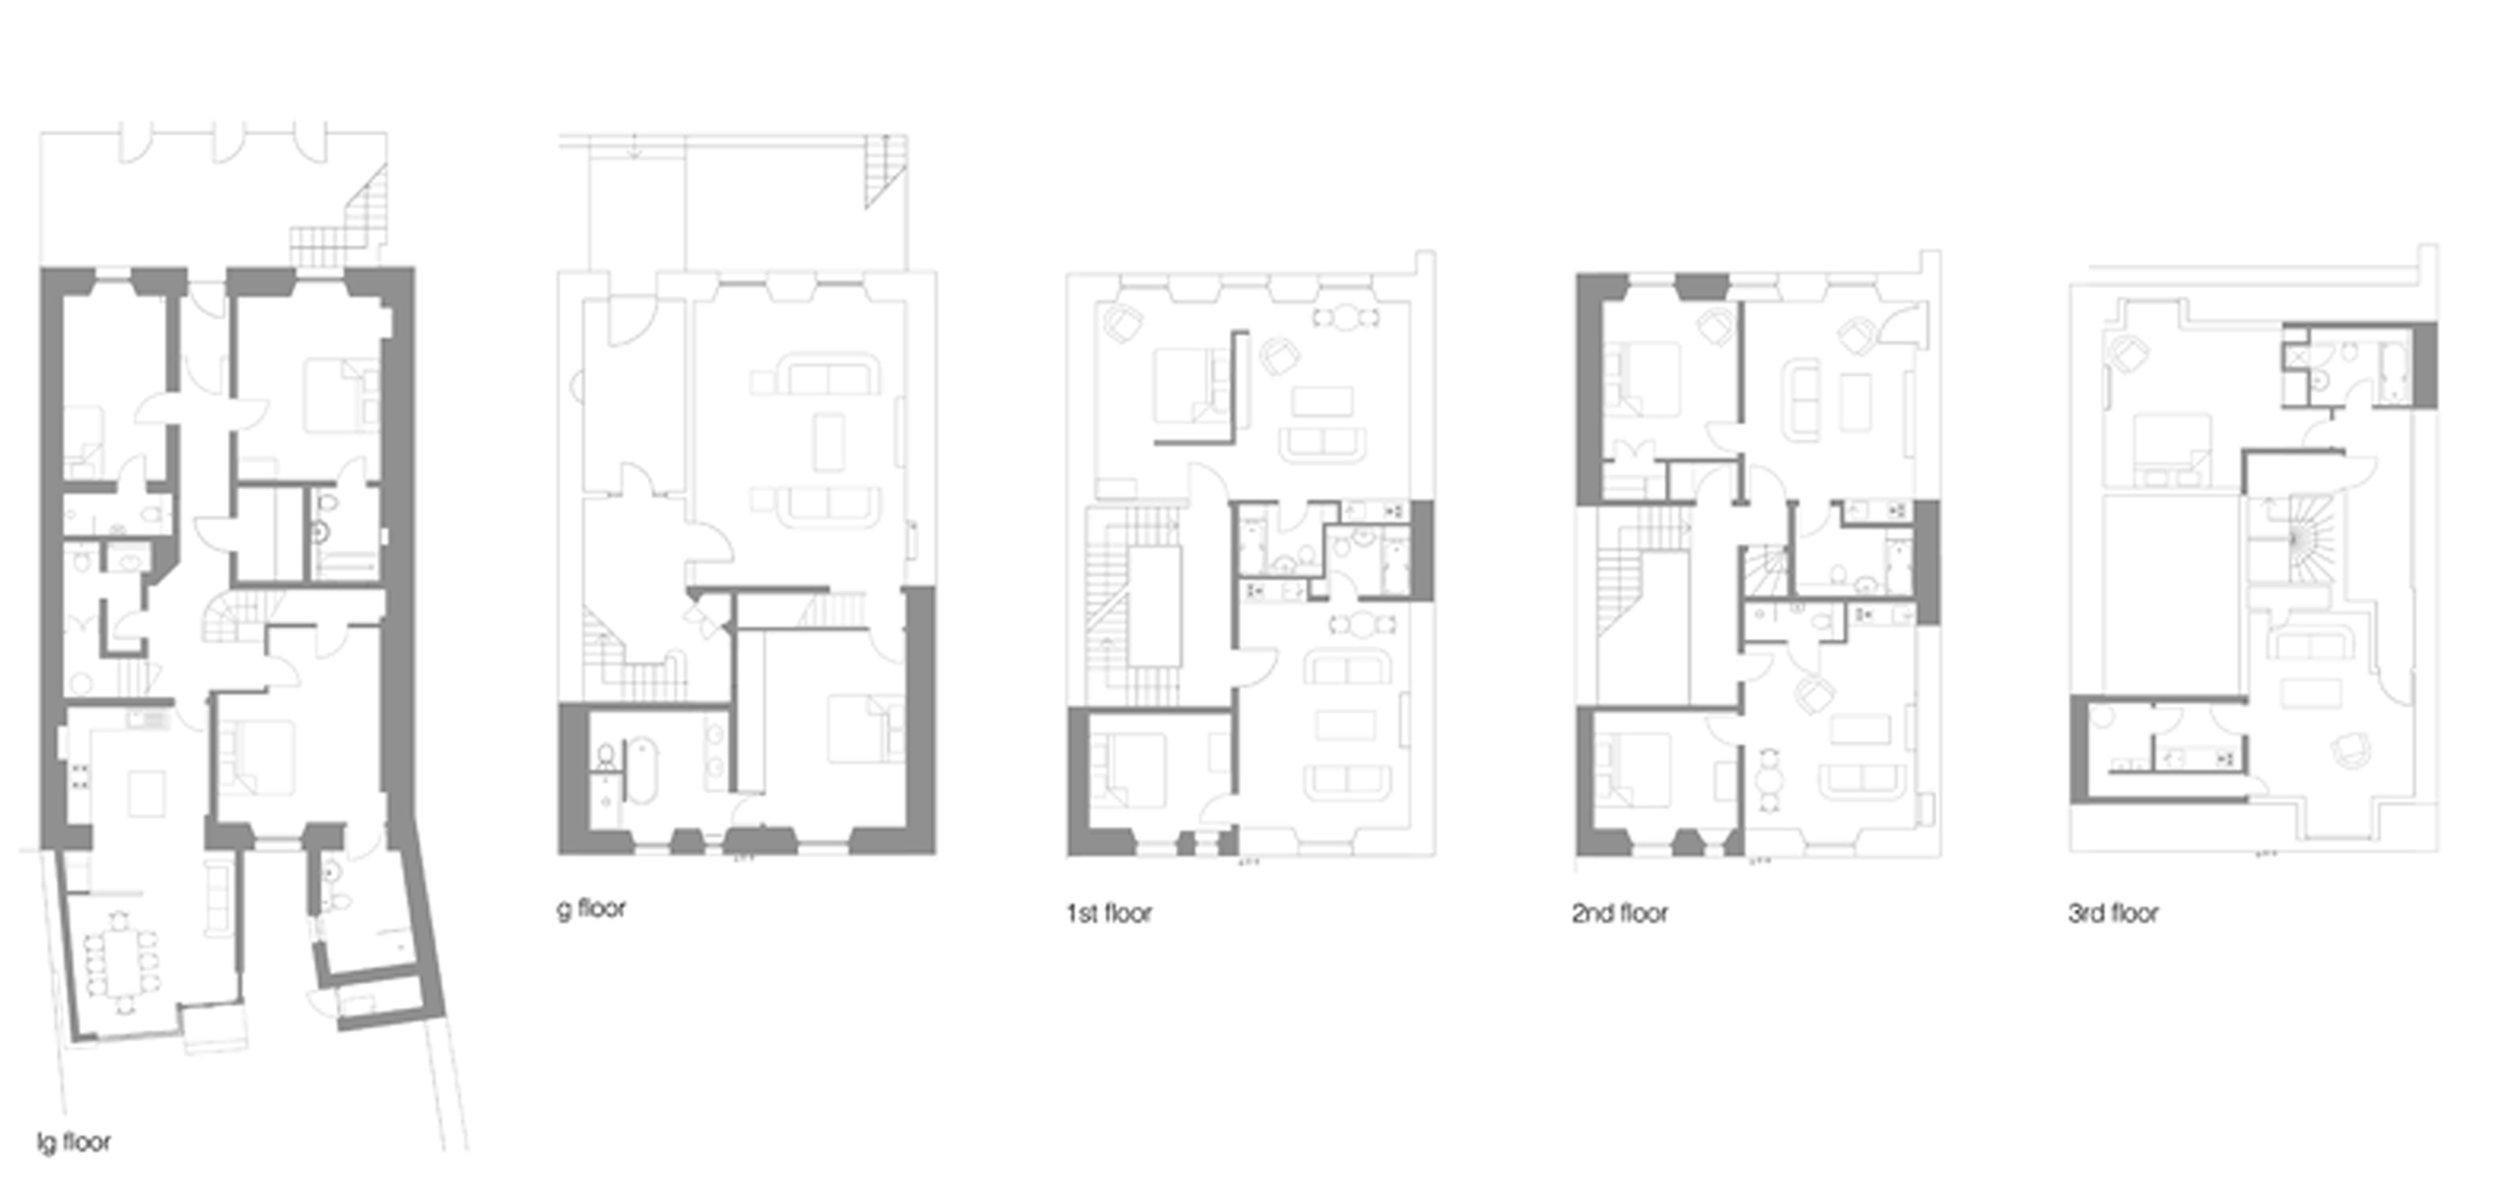 David Blaikie Architects_Clarendon Crescent Plans